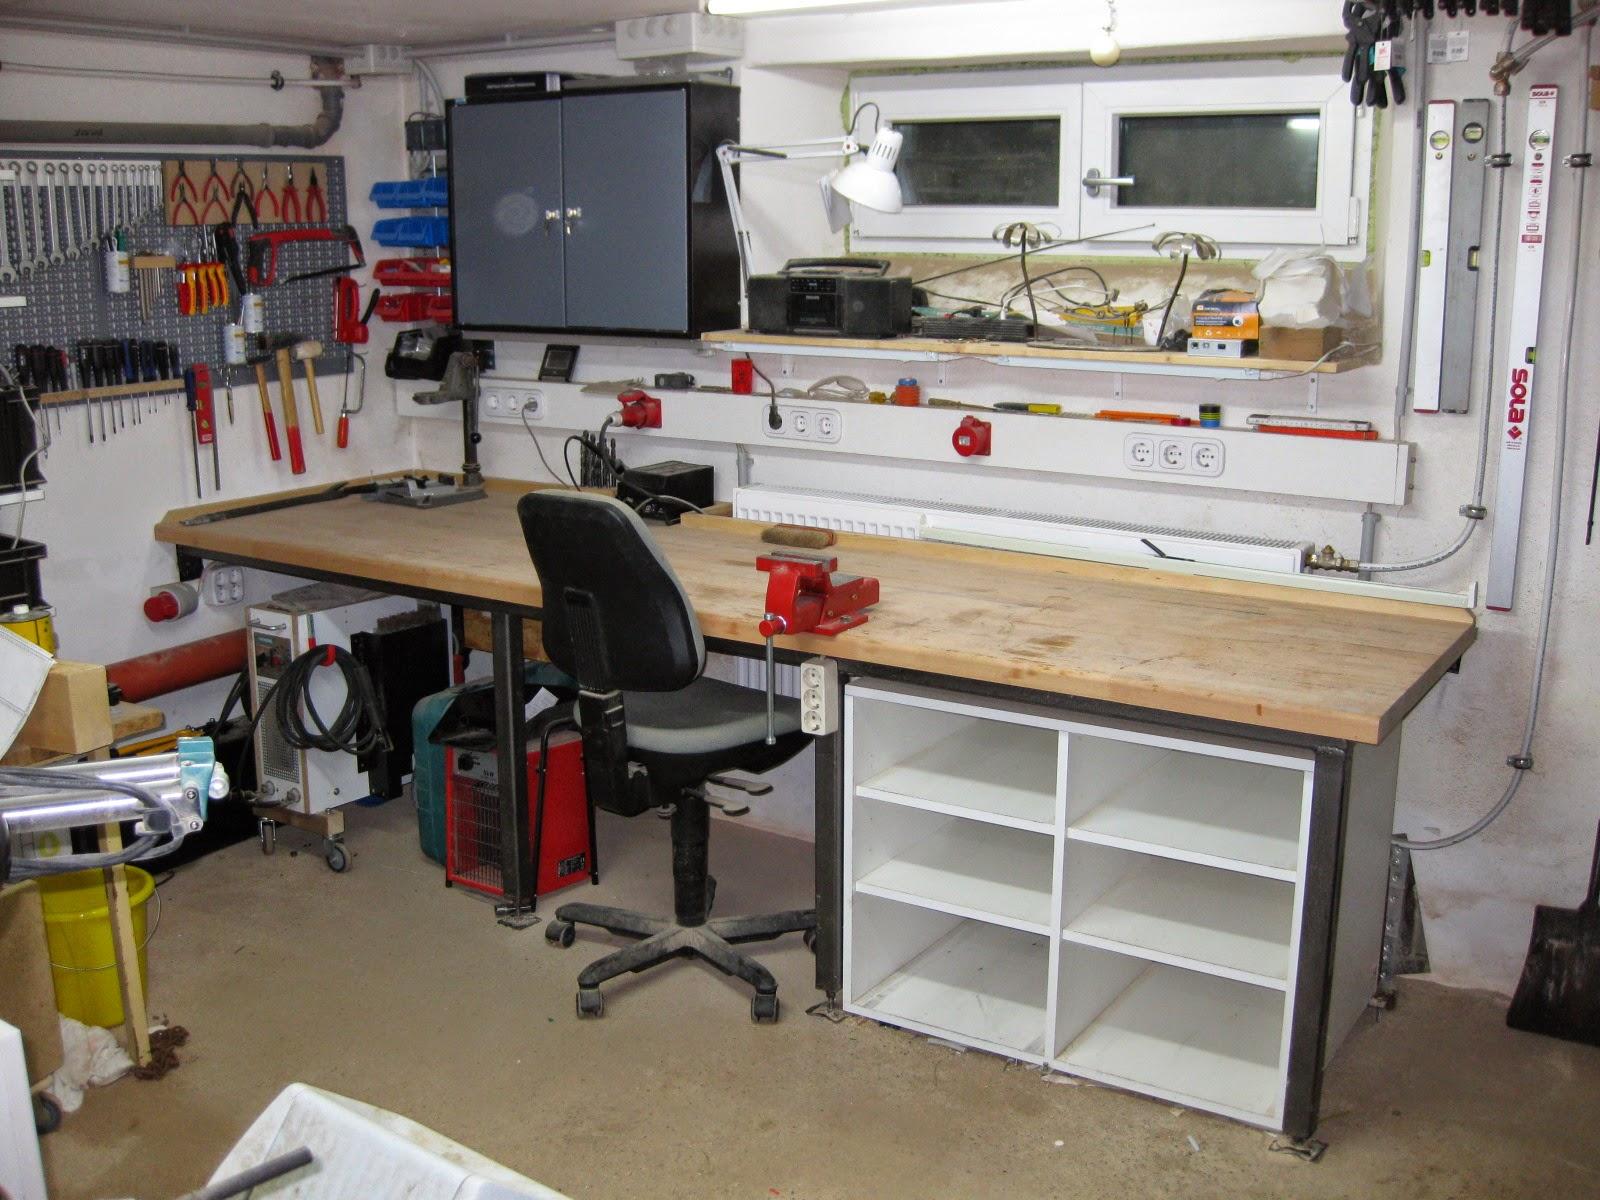 holz und metall ein heimwerkerblog meine werkbank werkstatt. Black Bedroom Furniture Sets. Home Design Ideas